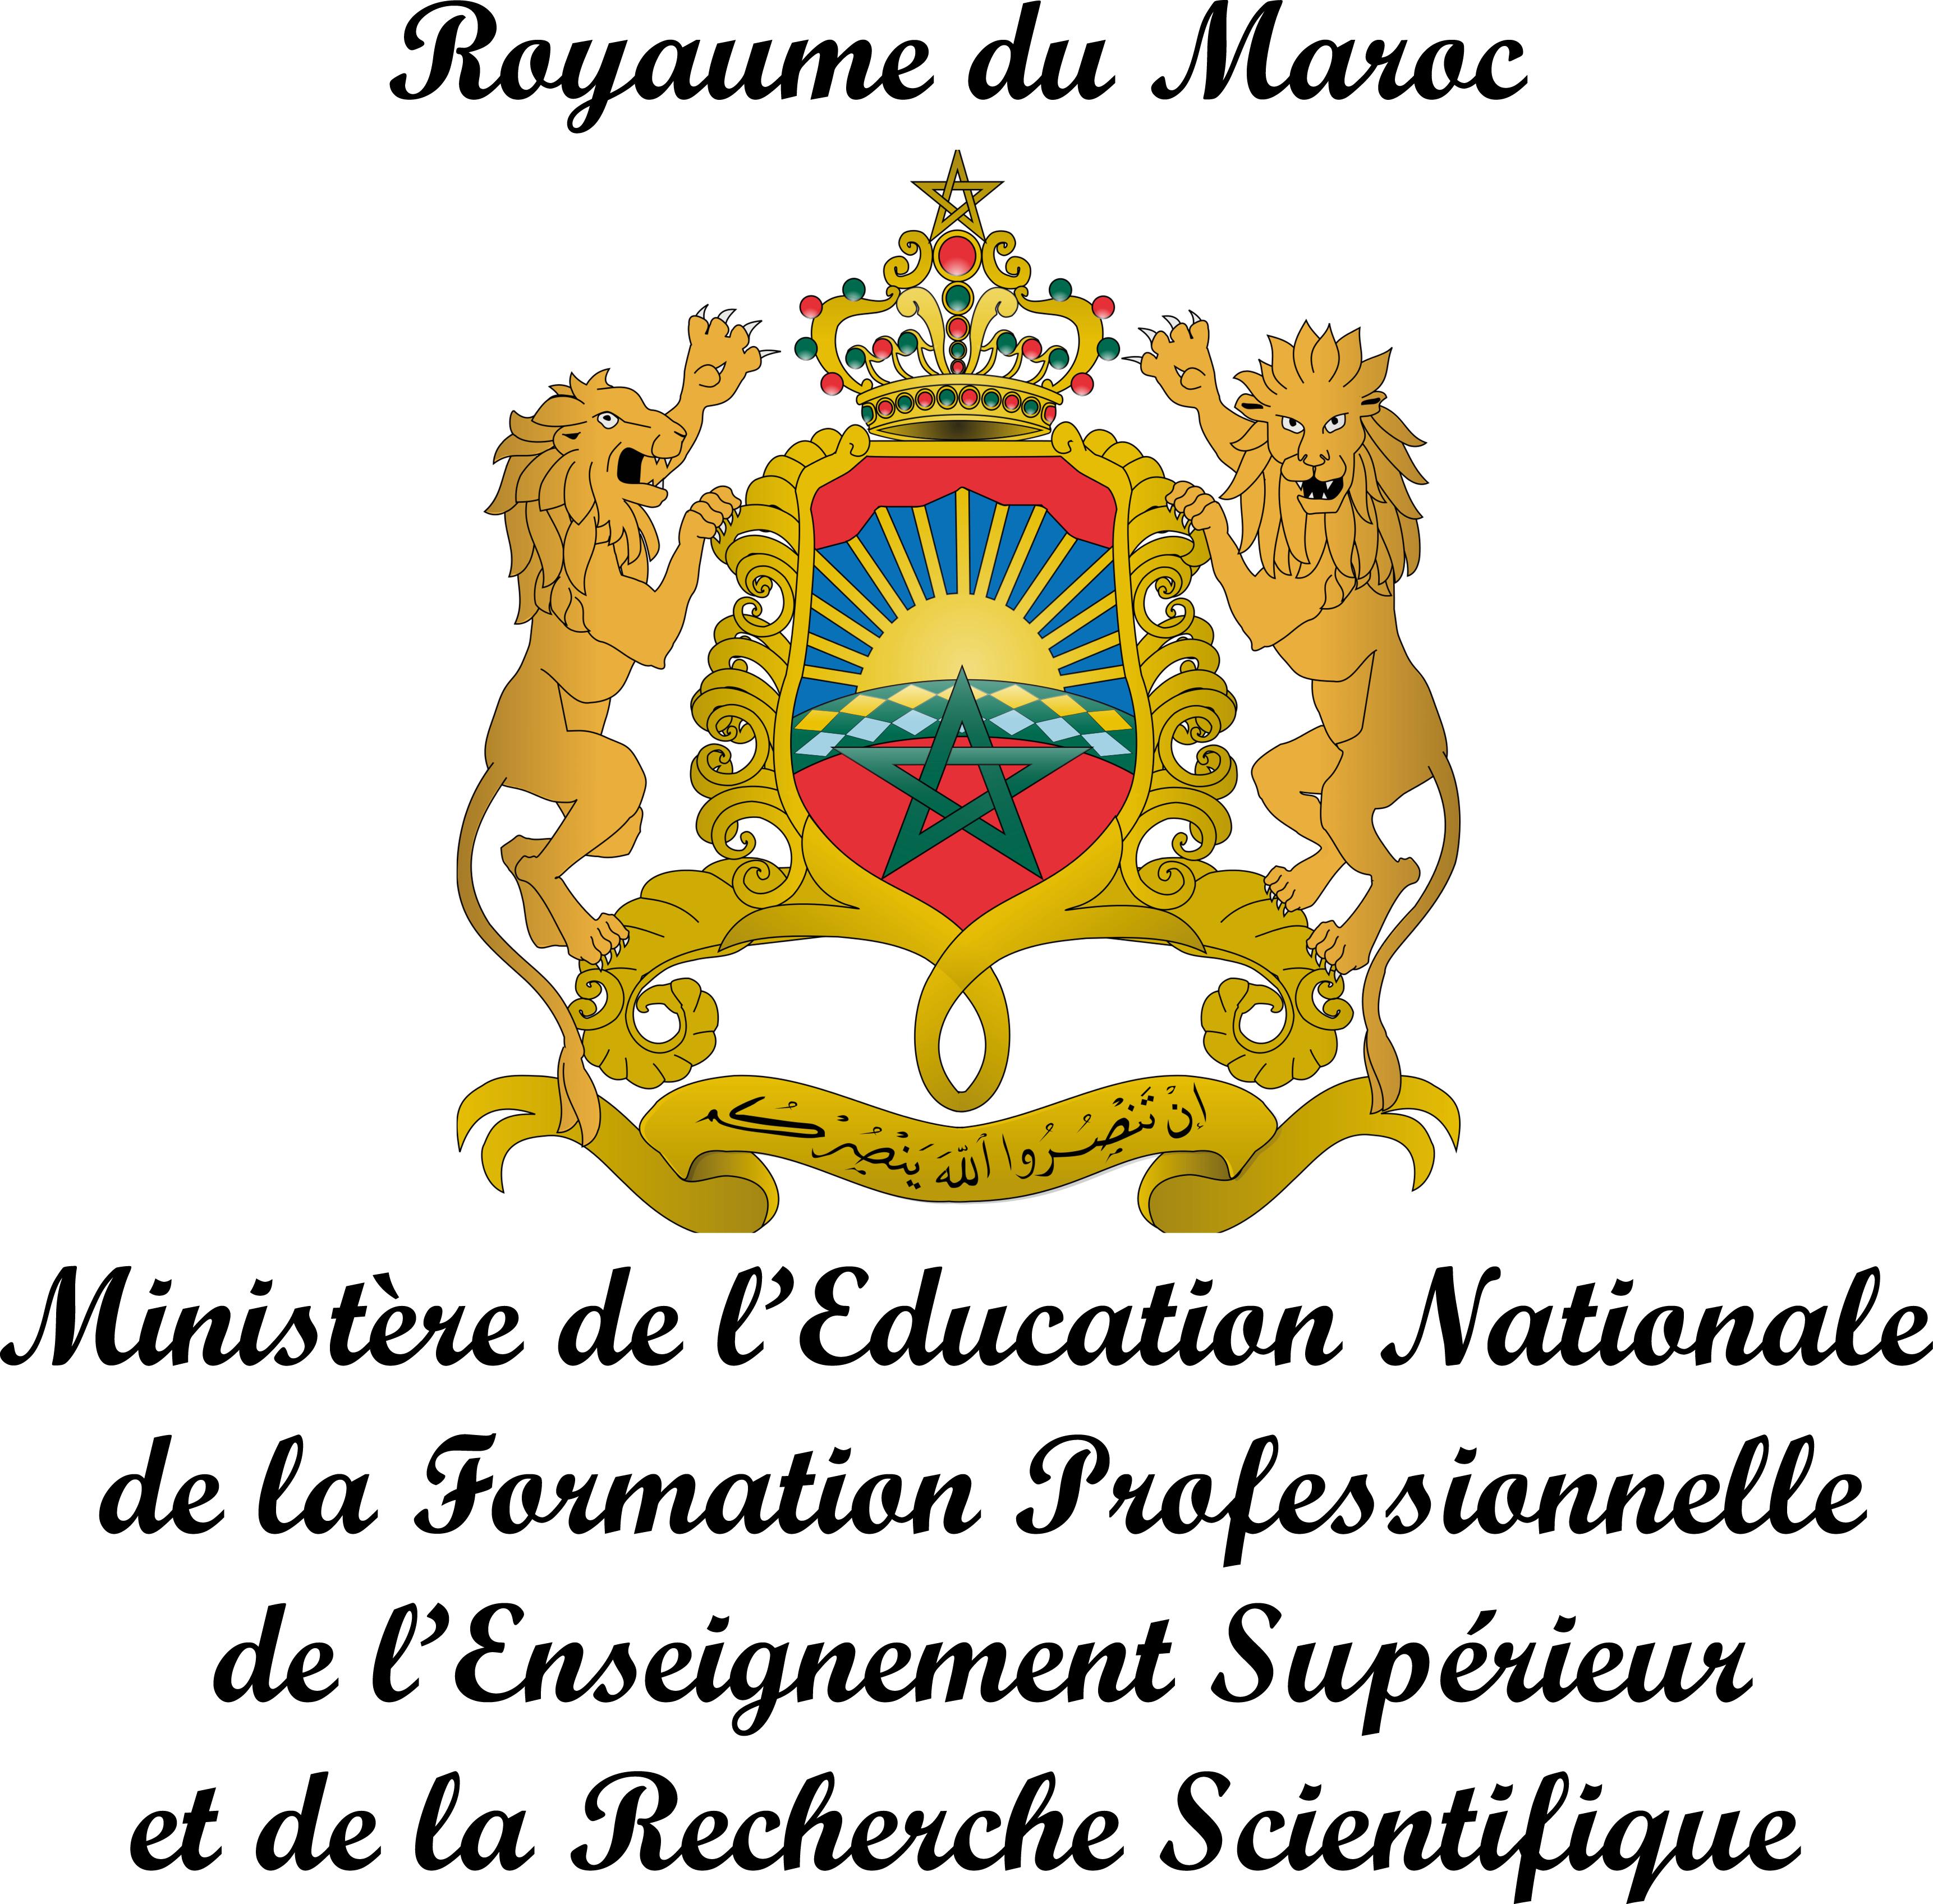 Royaume du Maroc - Ministère de l'Education Nationale, de la formation professionnelle, de l'Enseignement Supérieur et de la Recheche